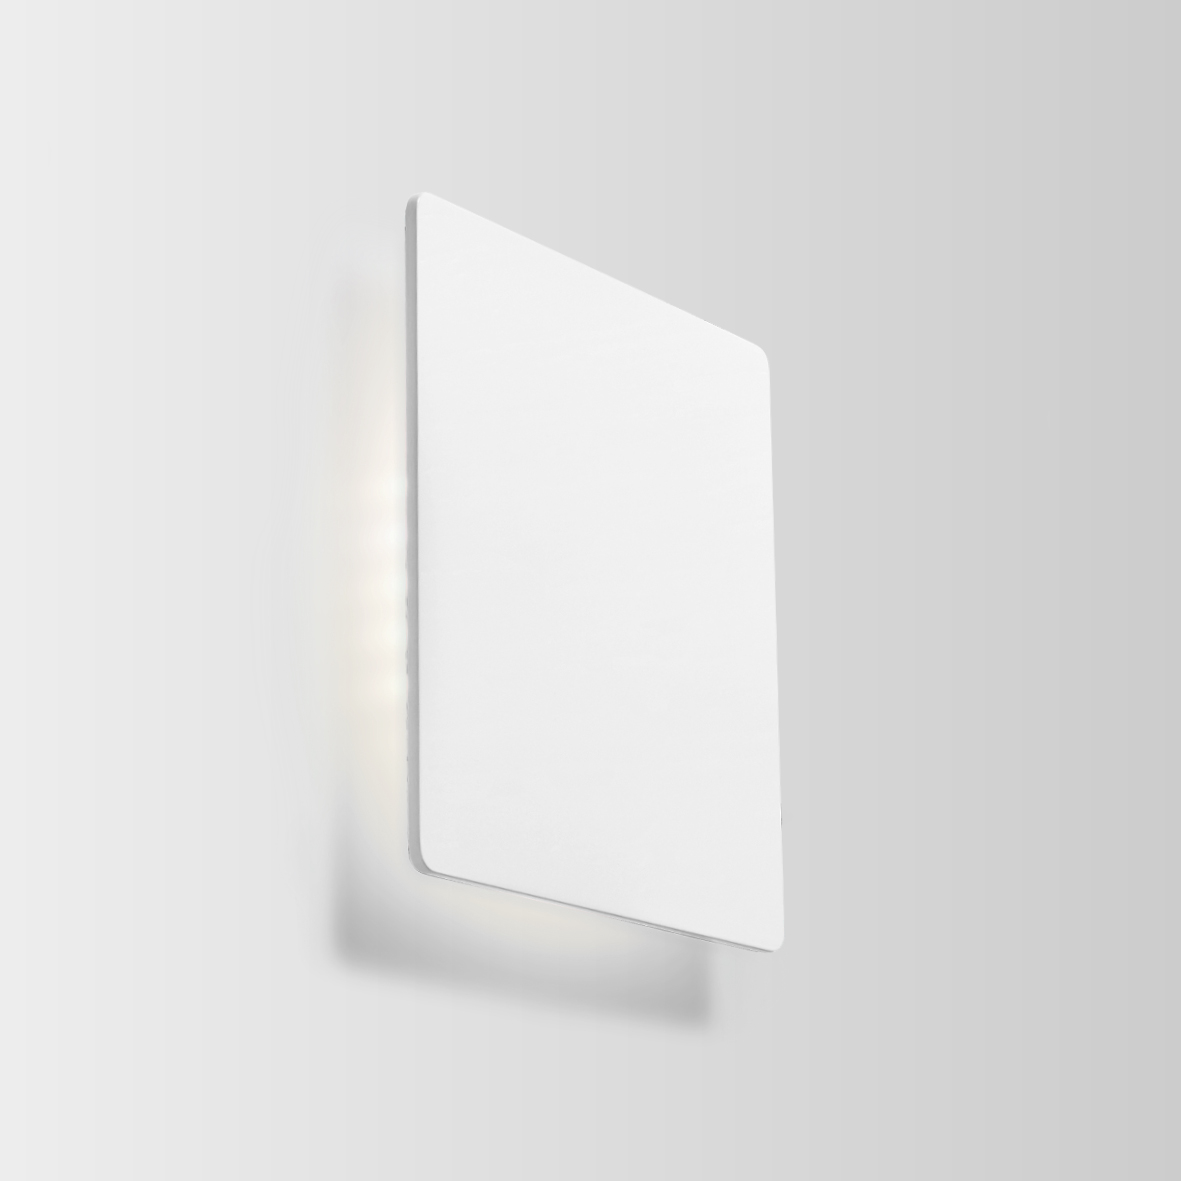 MILES 9.0 LED 3000K DIM ALUMIINIUMVÄRV 18W 80CRI 100-240V